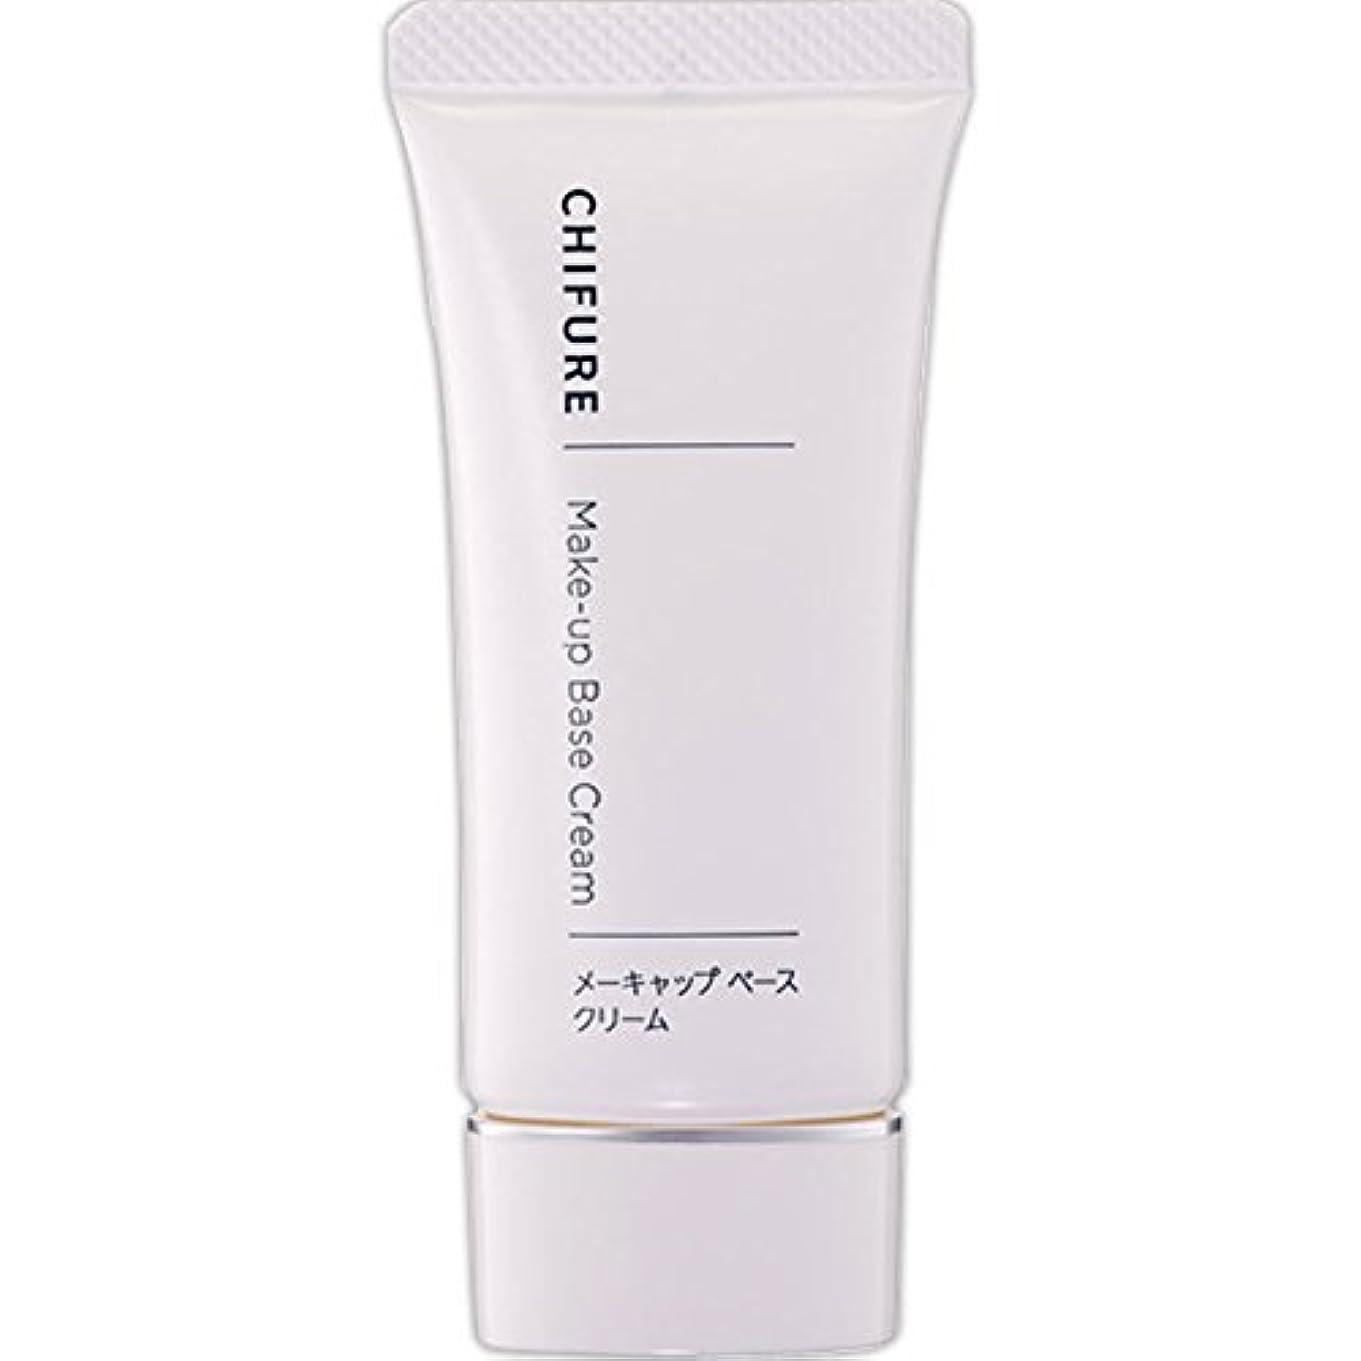 文句を言うスプーン貼り直すちふれ化粧品 メーキャップ ベース クリーム 35G